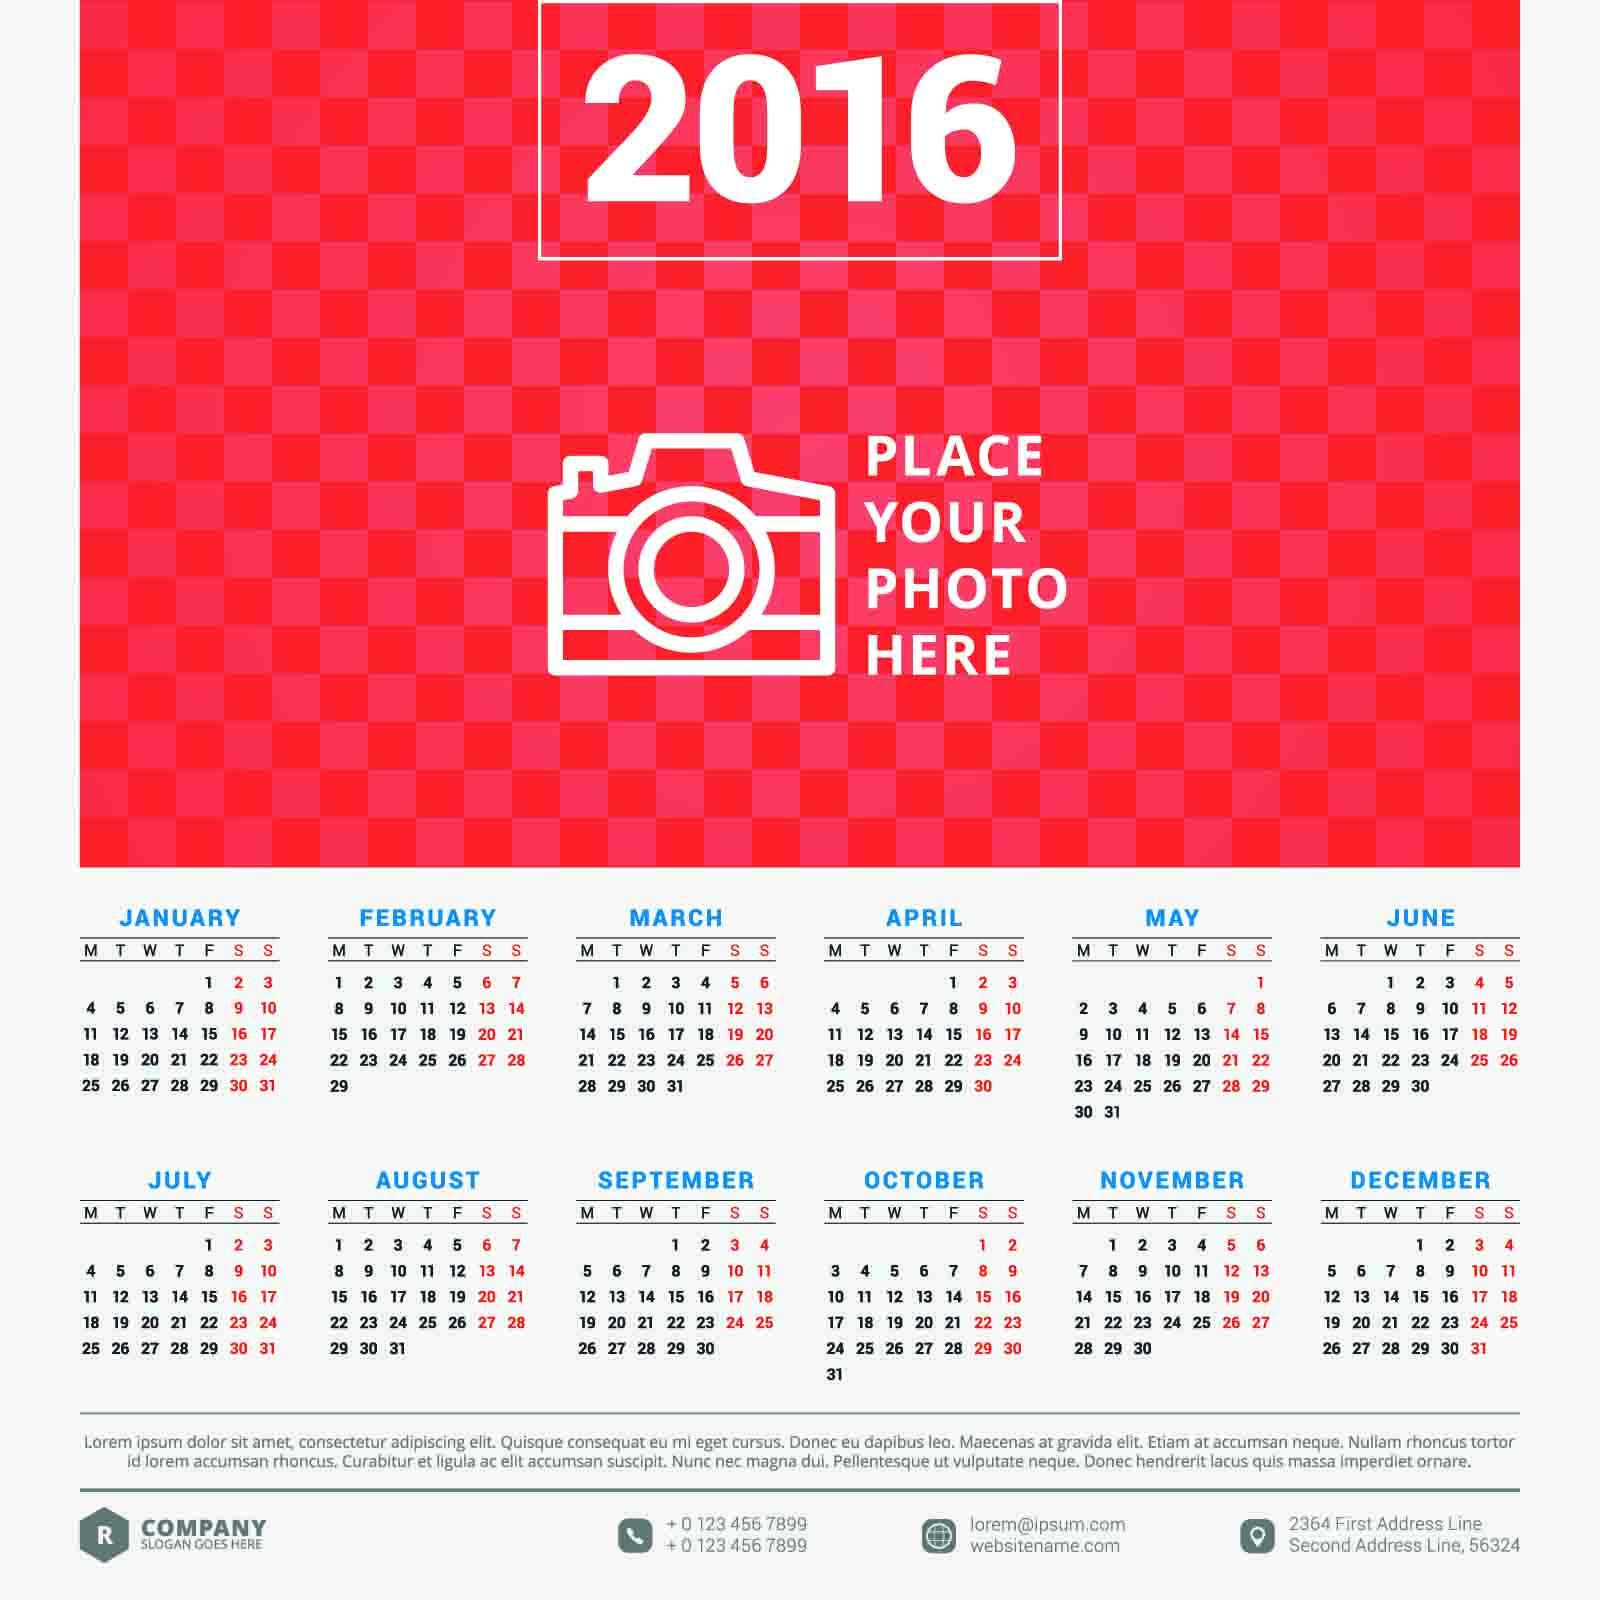 カレンダー 2015無料カレンダー : 2016カレンダー無料 ...